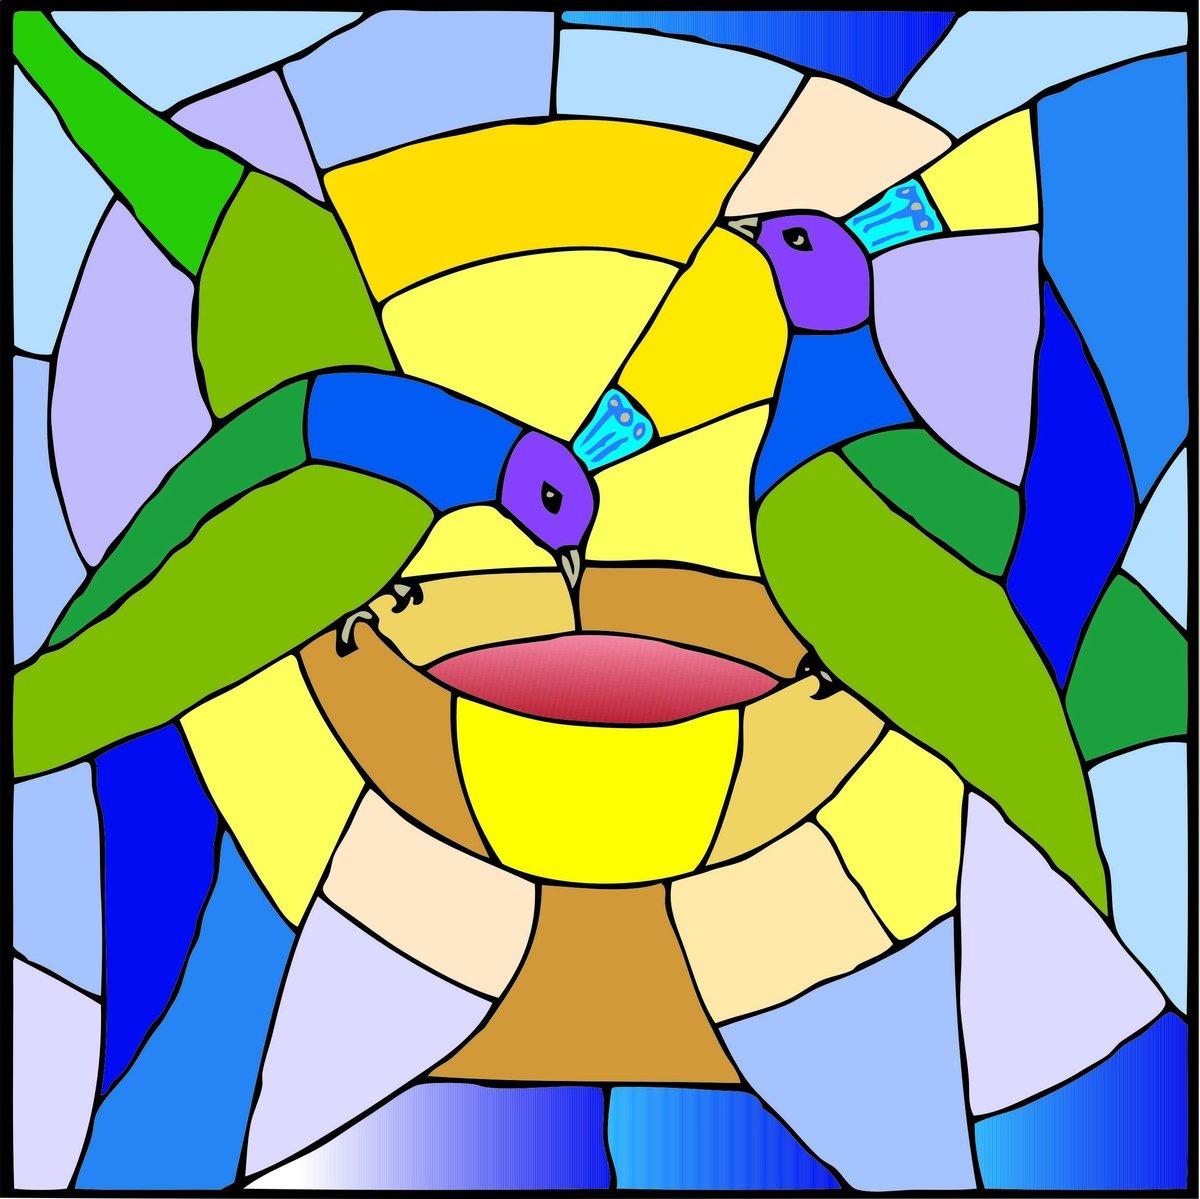 Рисуем картинка в стиле мозаики